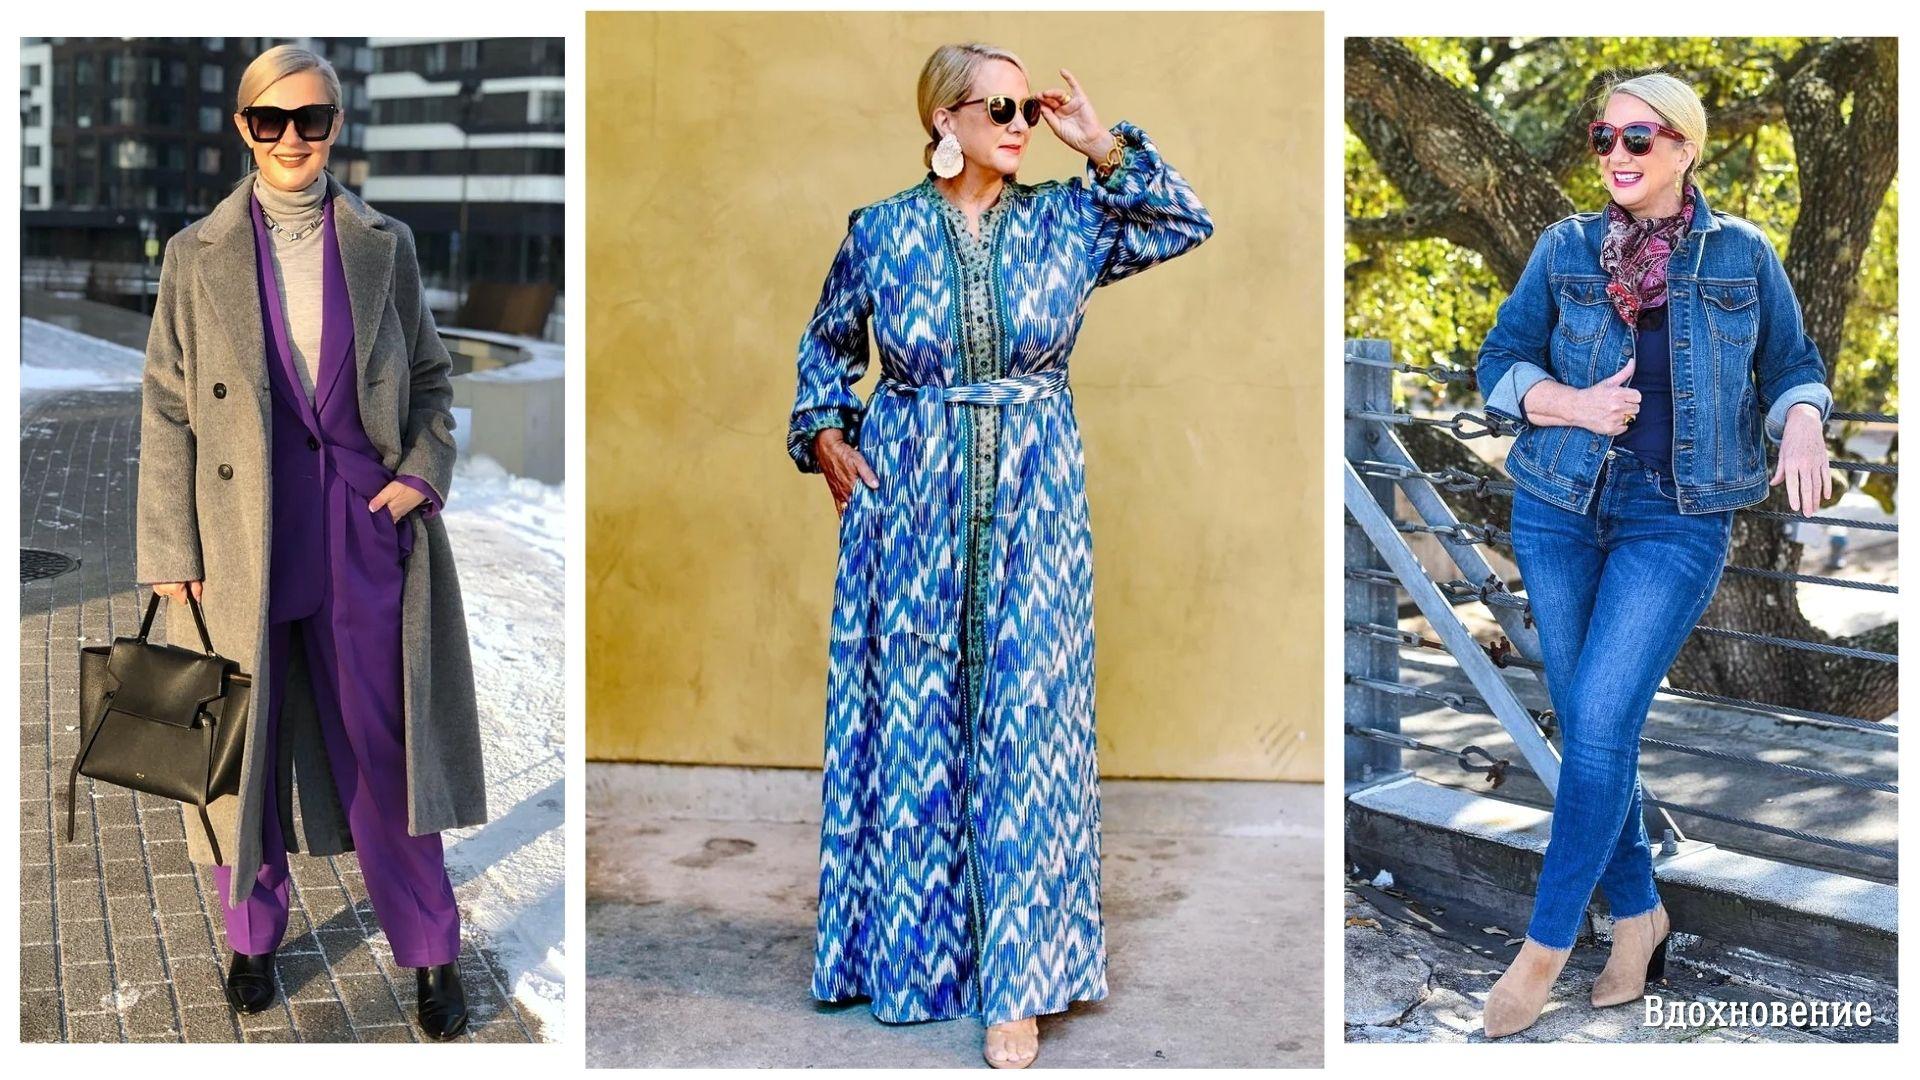 Гардероб женщины после 50. Какую одежду и оттенки выбрать, чтобы выглядеть визуально стройнее и моложе